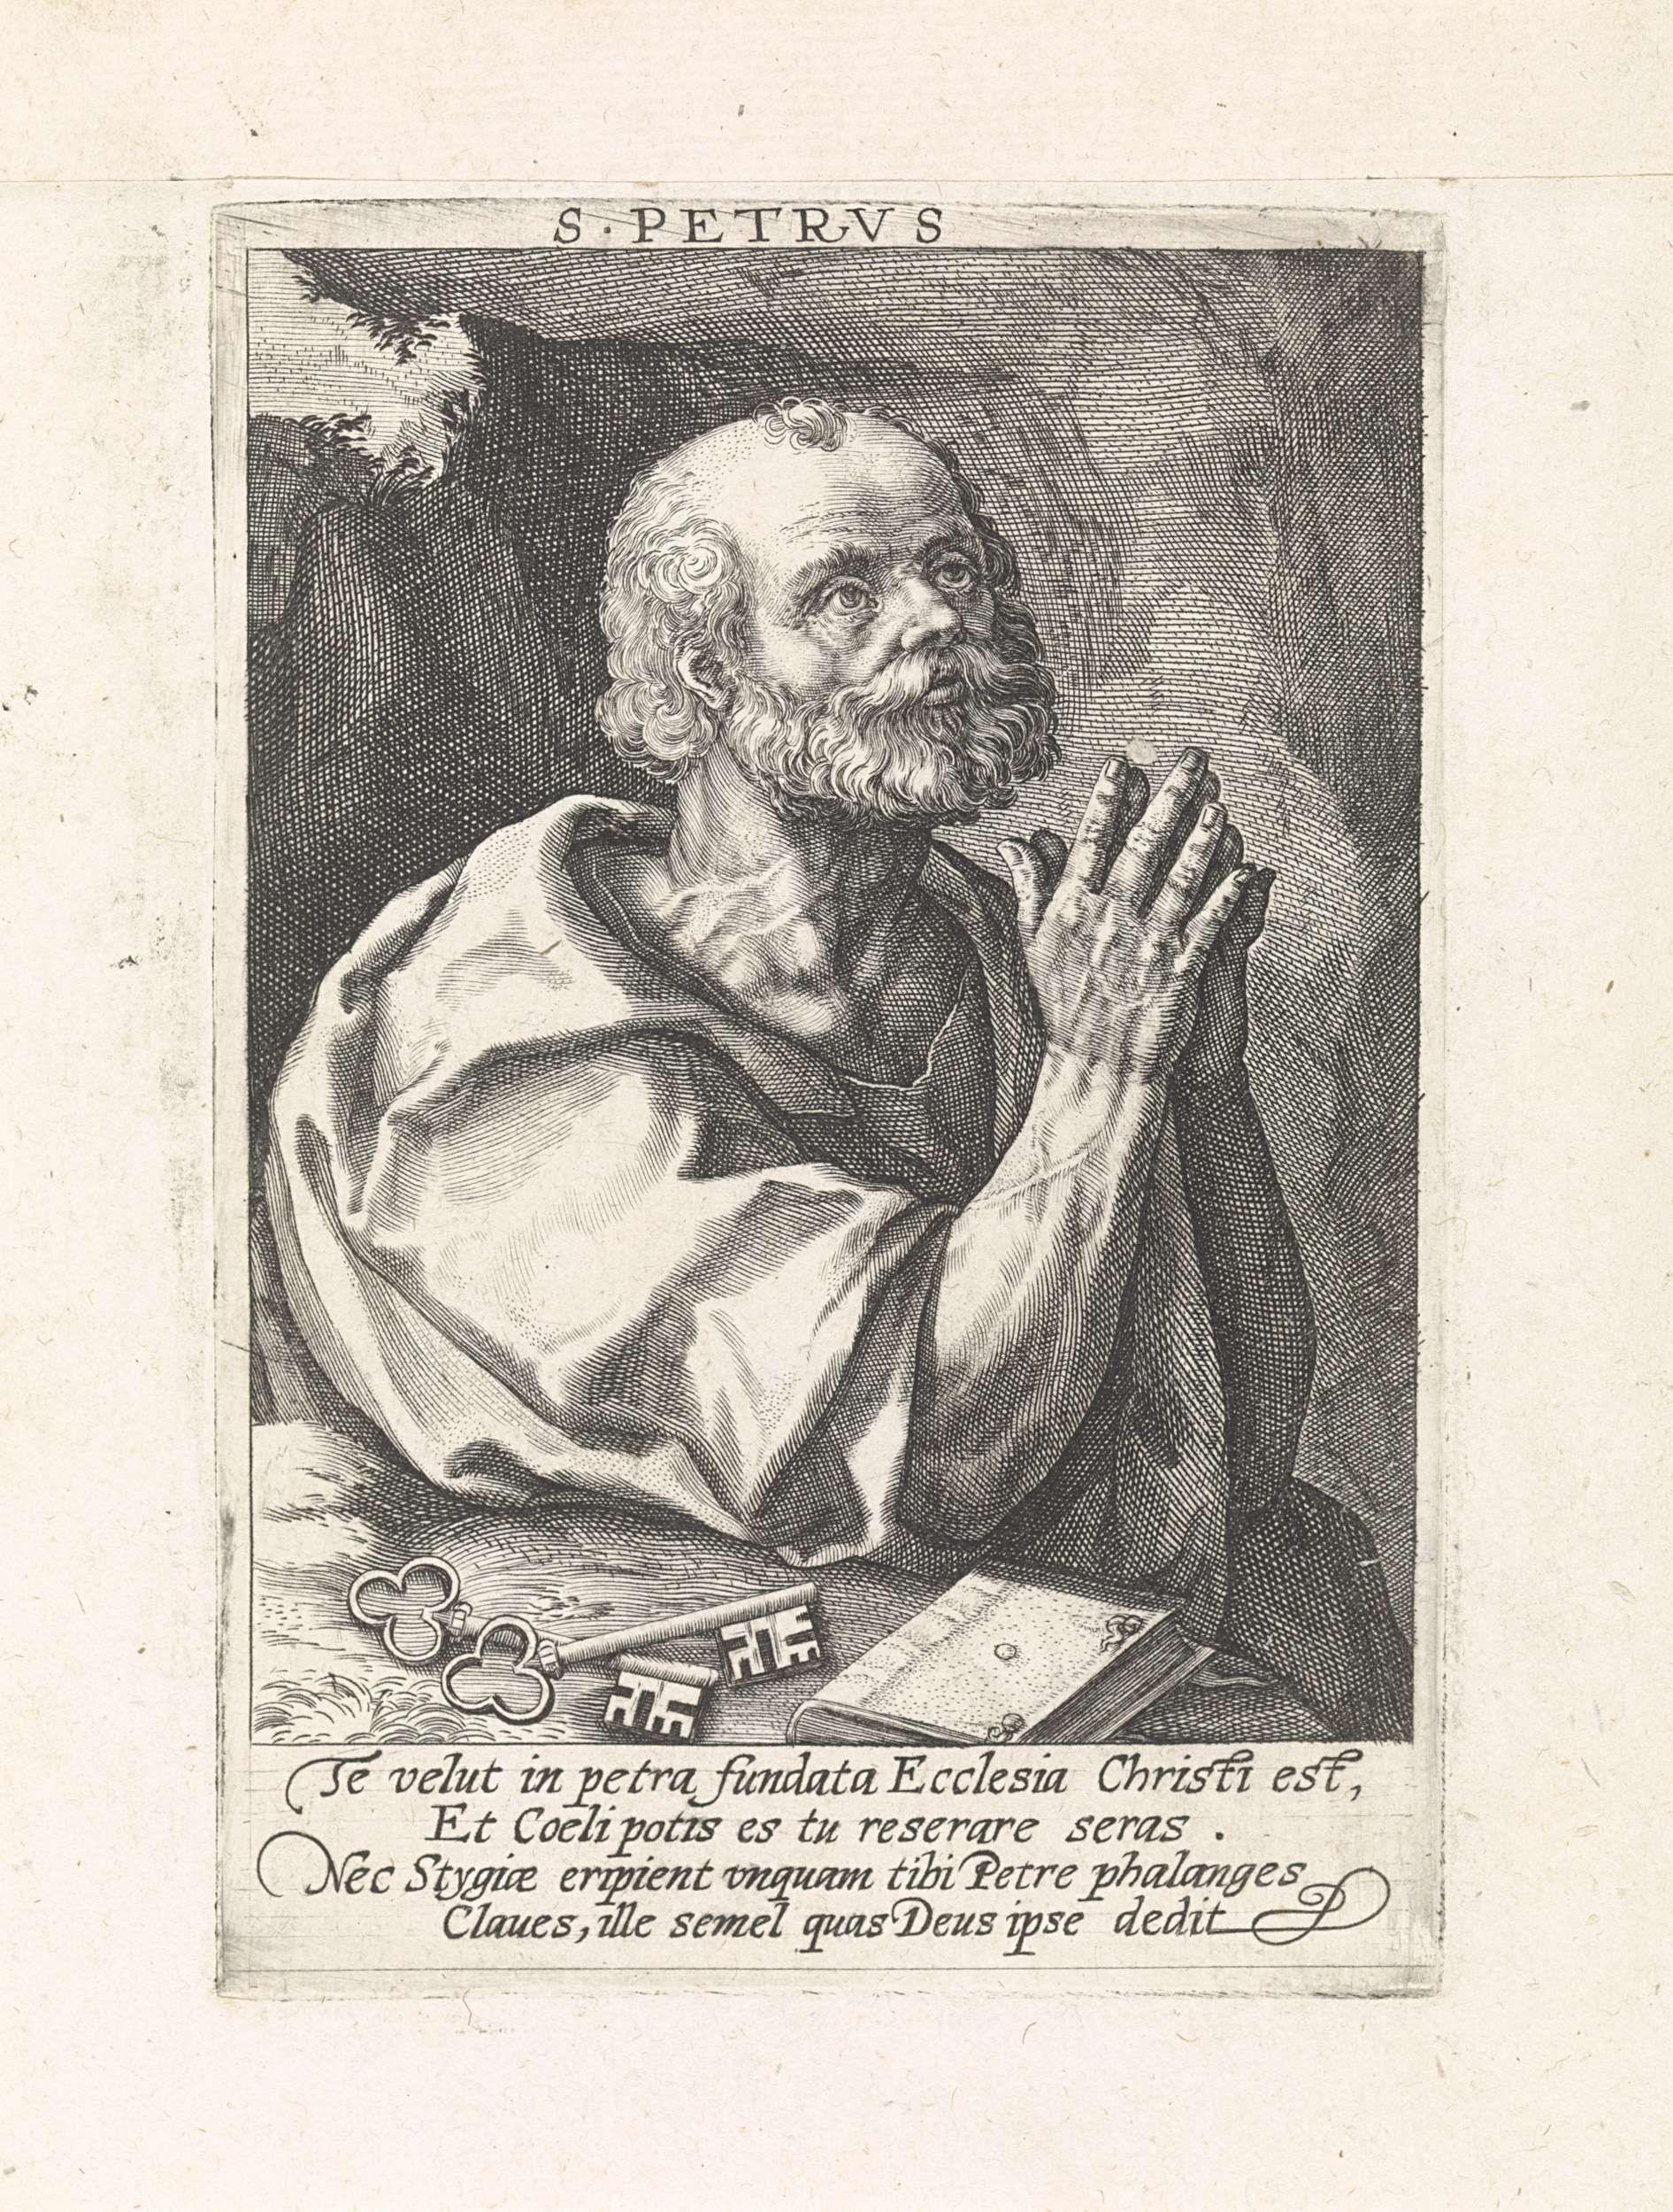 Crispijn van de Passe (I)   Apostel Petrus, Crispijn van de Passe (I), 1574 - 1637   De apostel Petrus in gebed. Voor hem zijn attribuut de sleutel. In de marge een vierregelig onderschrift in het Latijn. Pendant van een prent van de apostel Paulus.